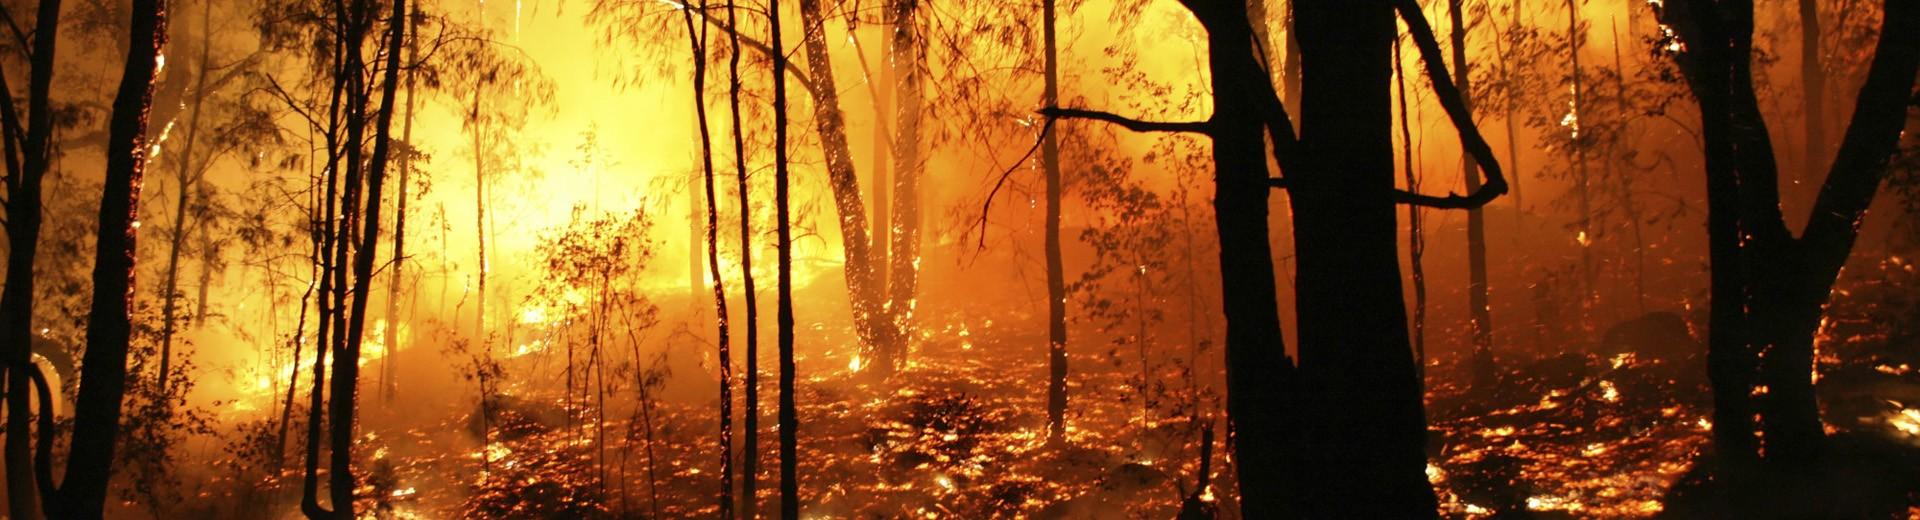 Equipamiento profesional para trabajo en incendios forestales